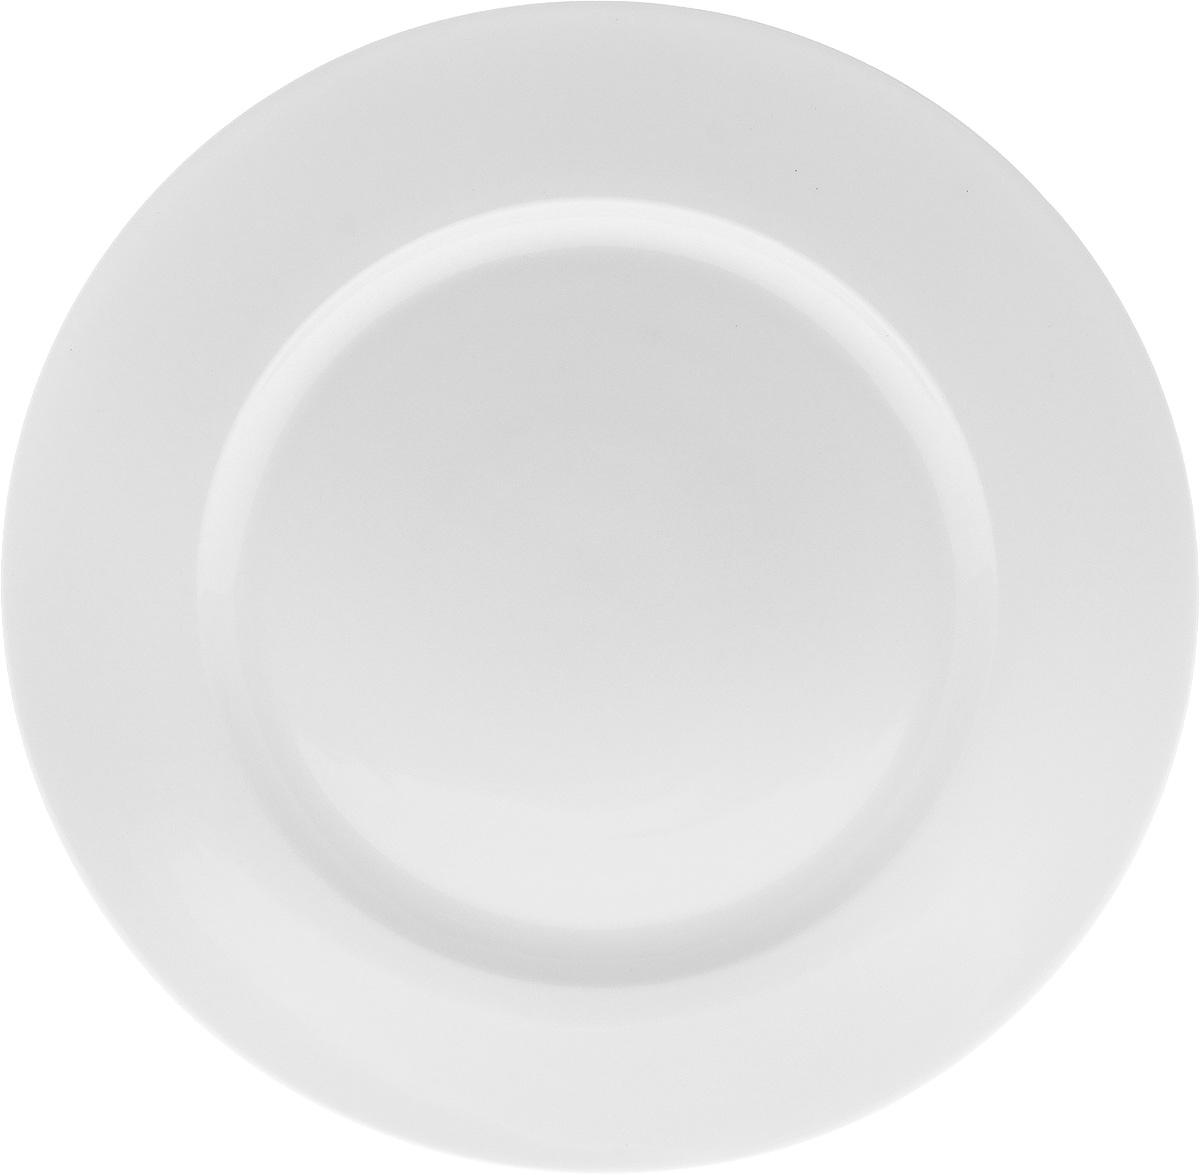 Блюдо Wilmax, диаметр 30,5 смWL-991010 / AОригинальное блюдо Wilmax, изготовленное из фарфора, прекрасно подойдет для подачи нарезок, закусок и других блюд. Оно украсит ваш кухонный стол, а также станет замечательным подарком к любому празднику.